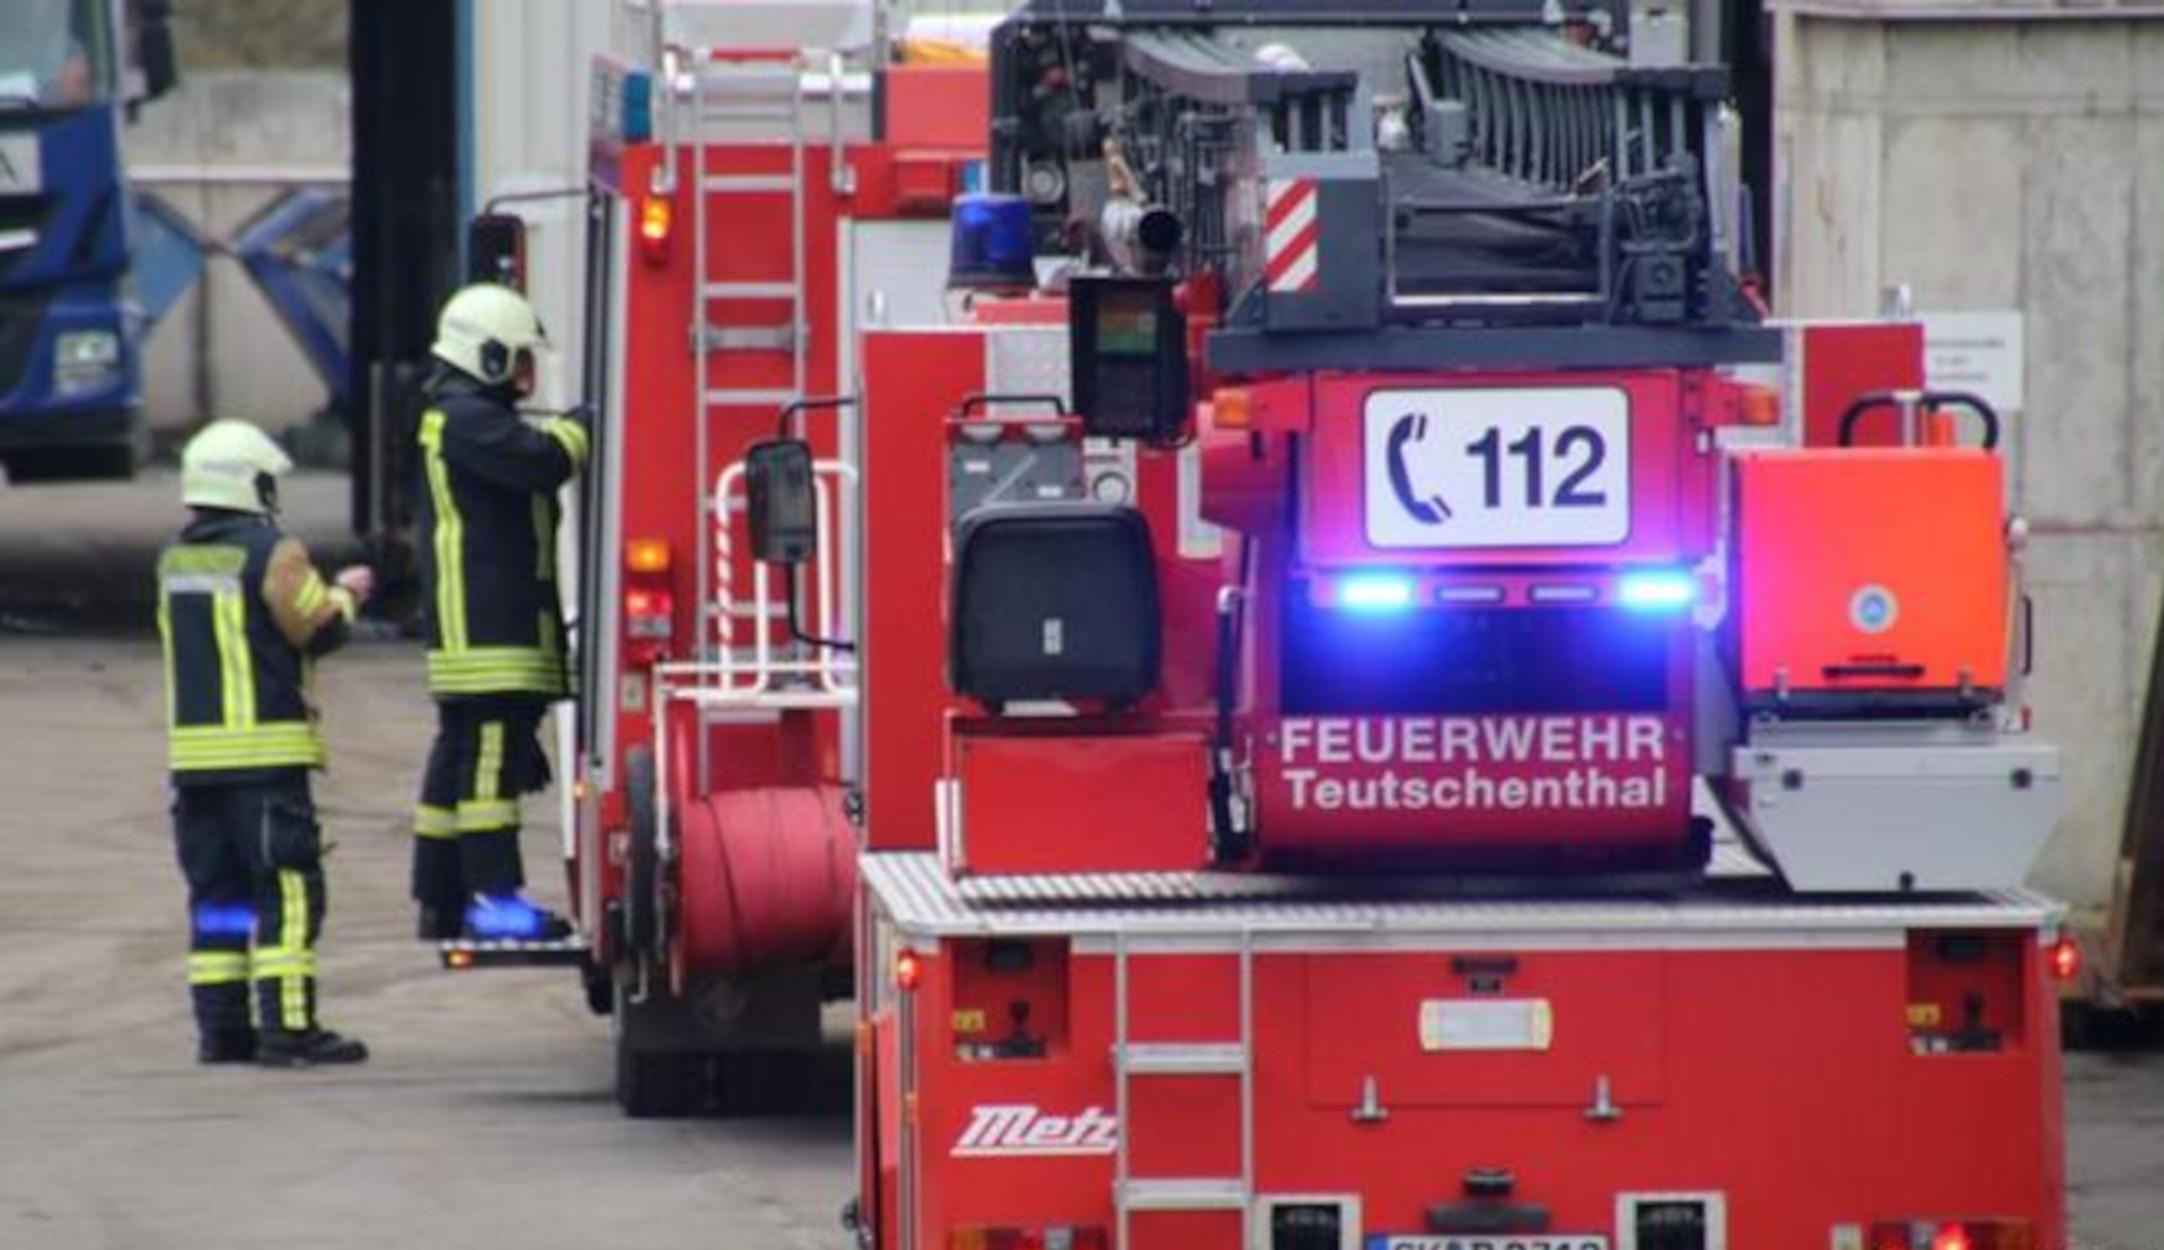 Γερμανία: Νεκρή 31χρονη και παιδάκι 2 χρονών απο φωτιά σε κέντρο φιλοξενίας μεταναστών